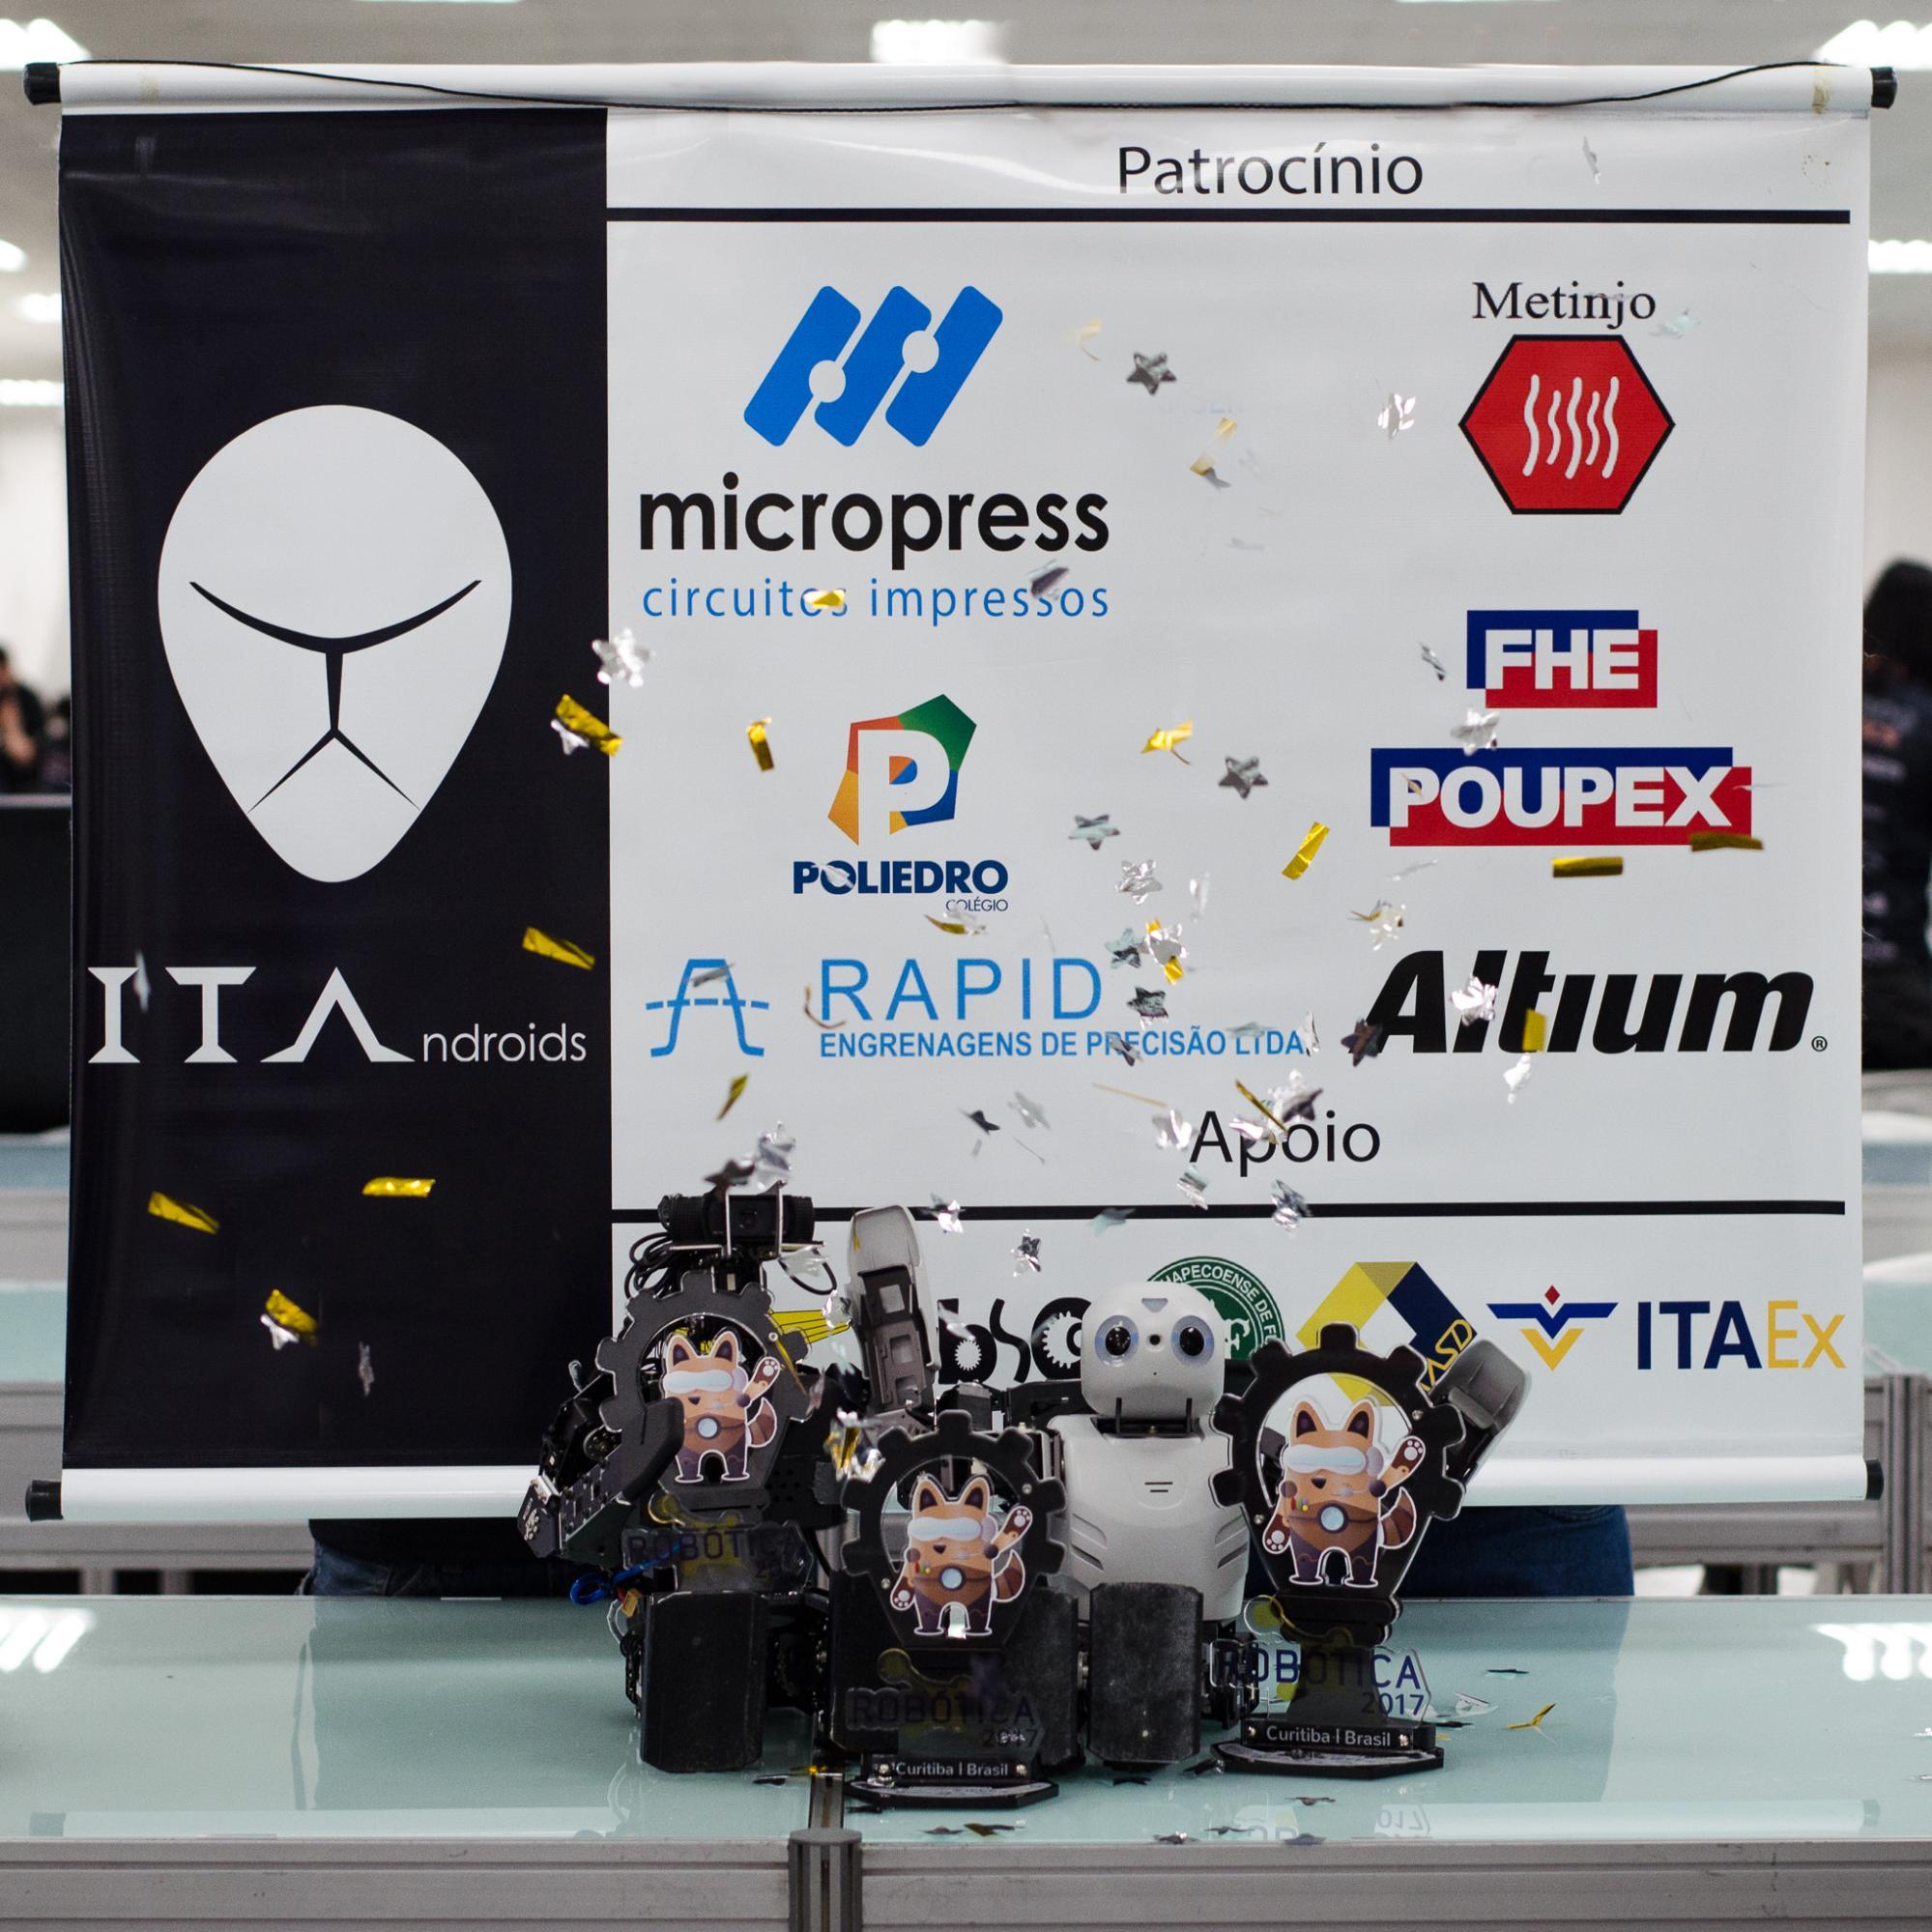 Robots de petite taille fabriqués par l'équipe ITAndroids